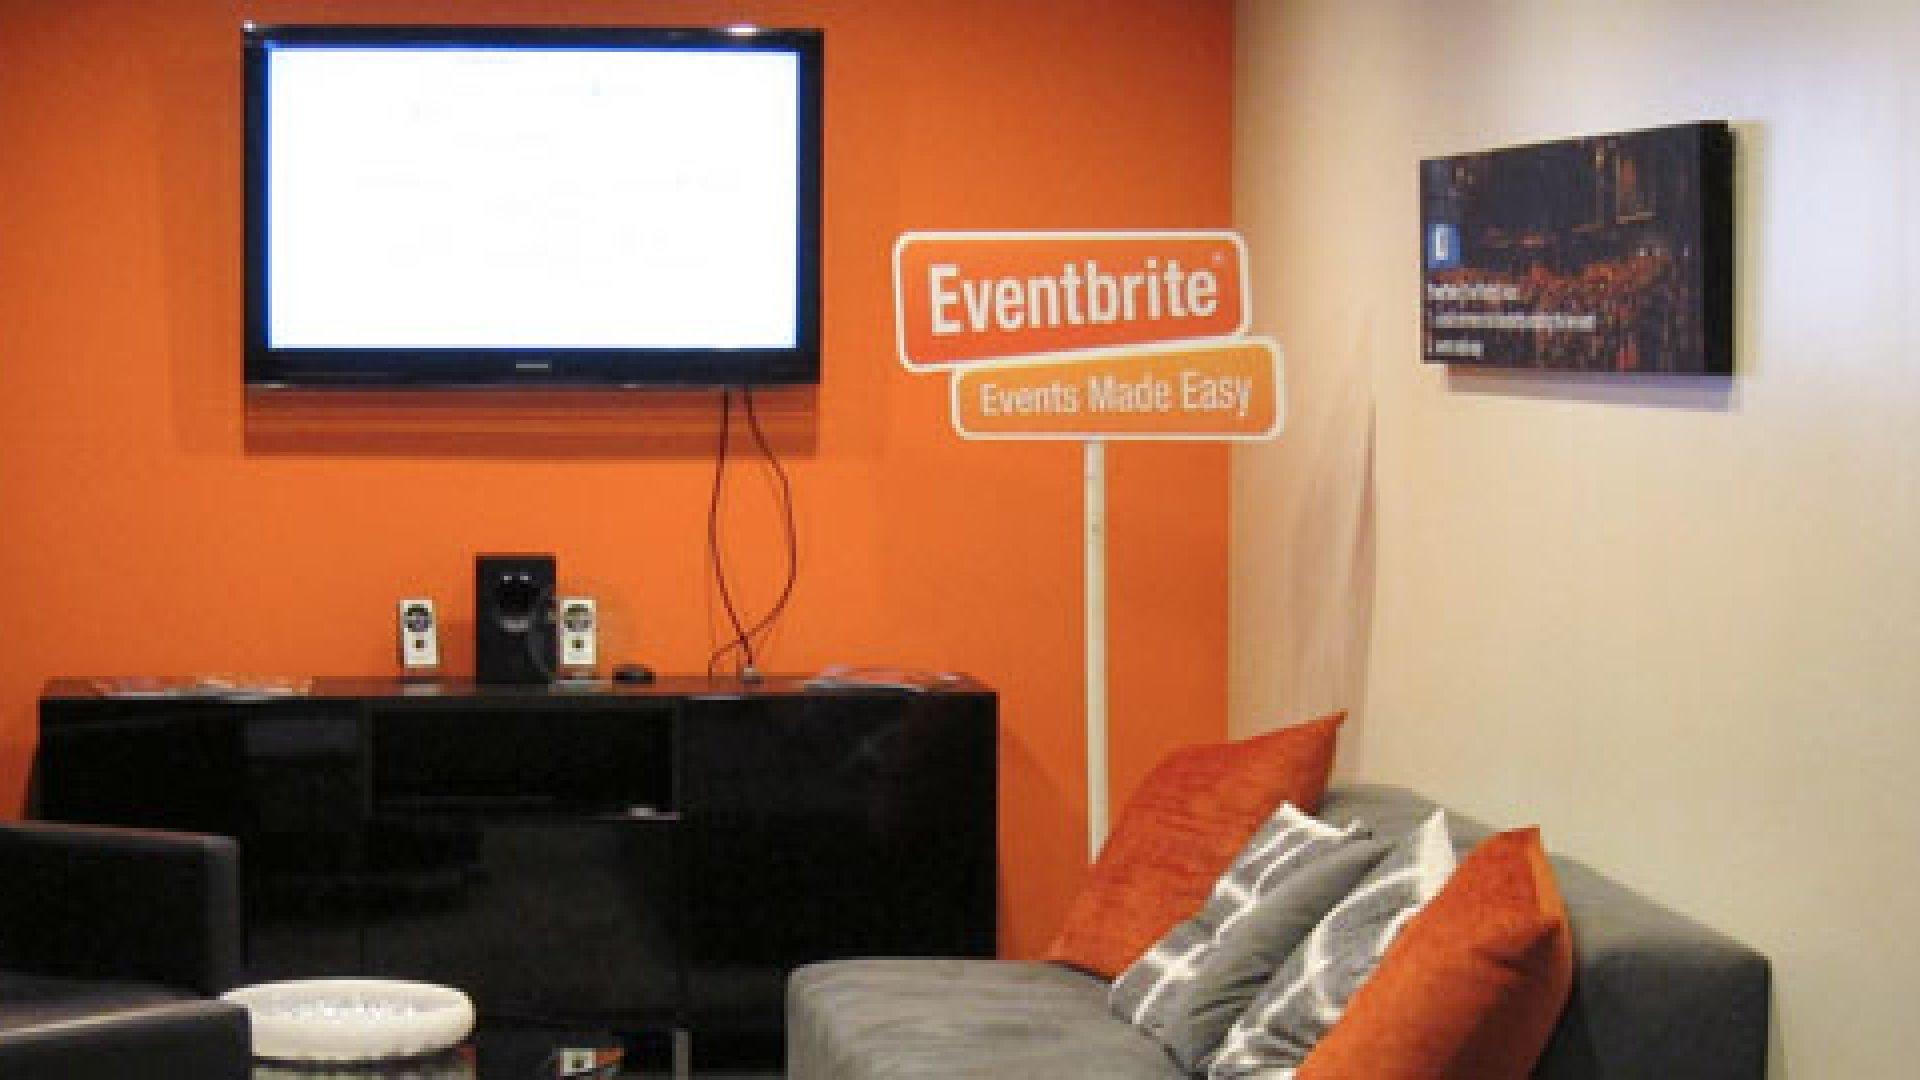 Eventbrite Passes $1 Billion in Total Sales